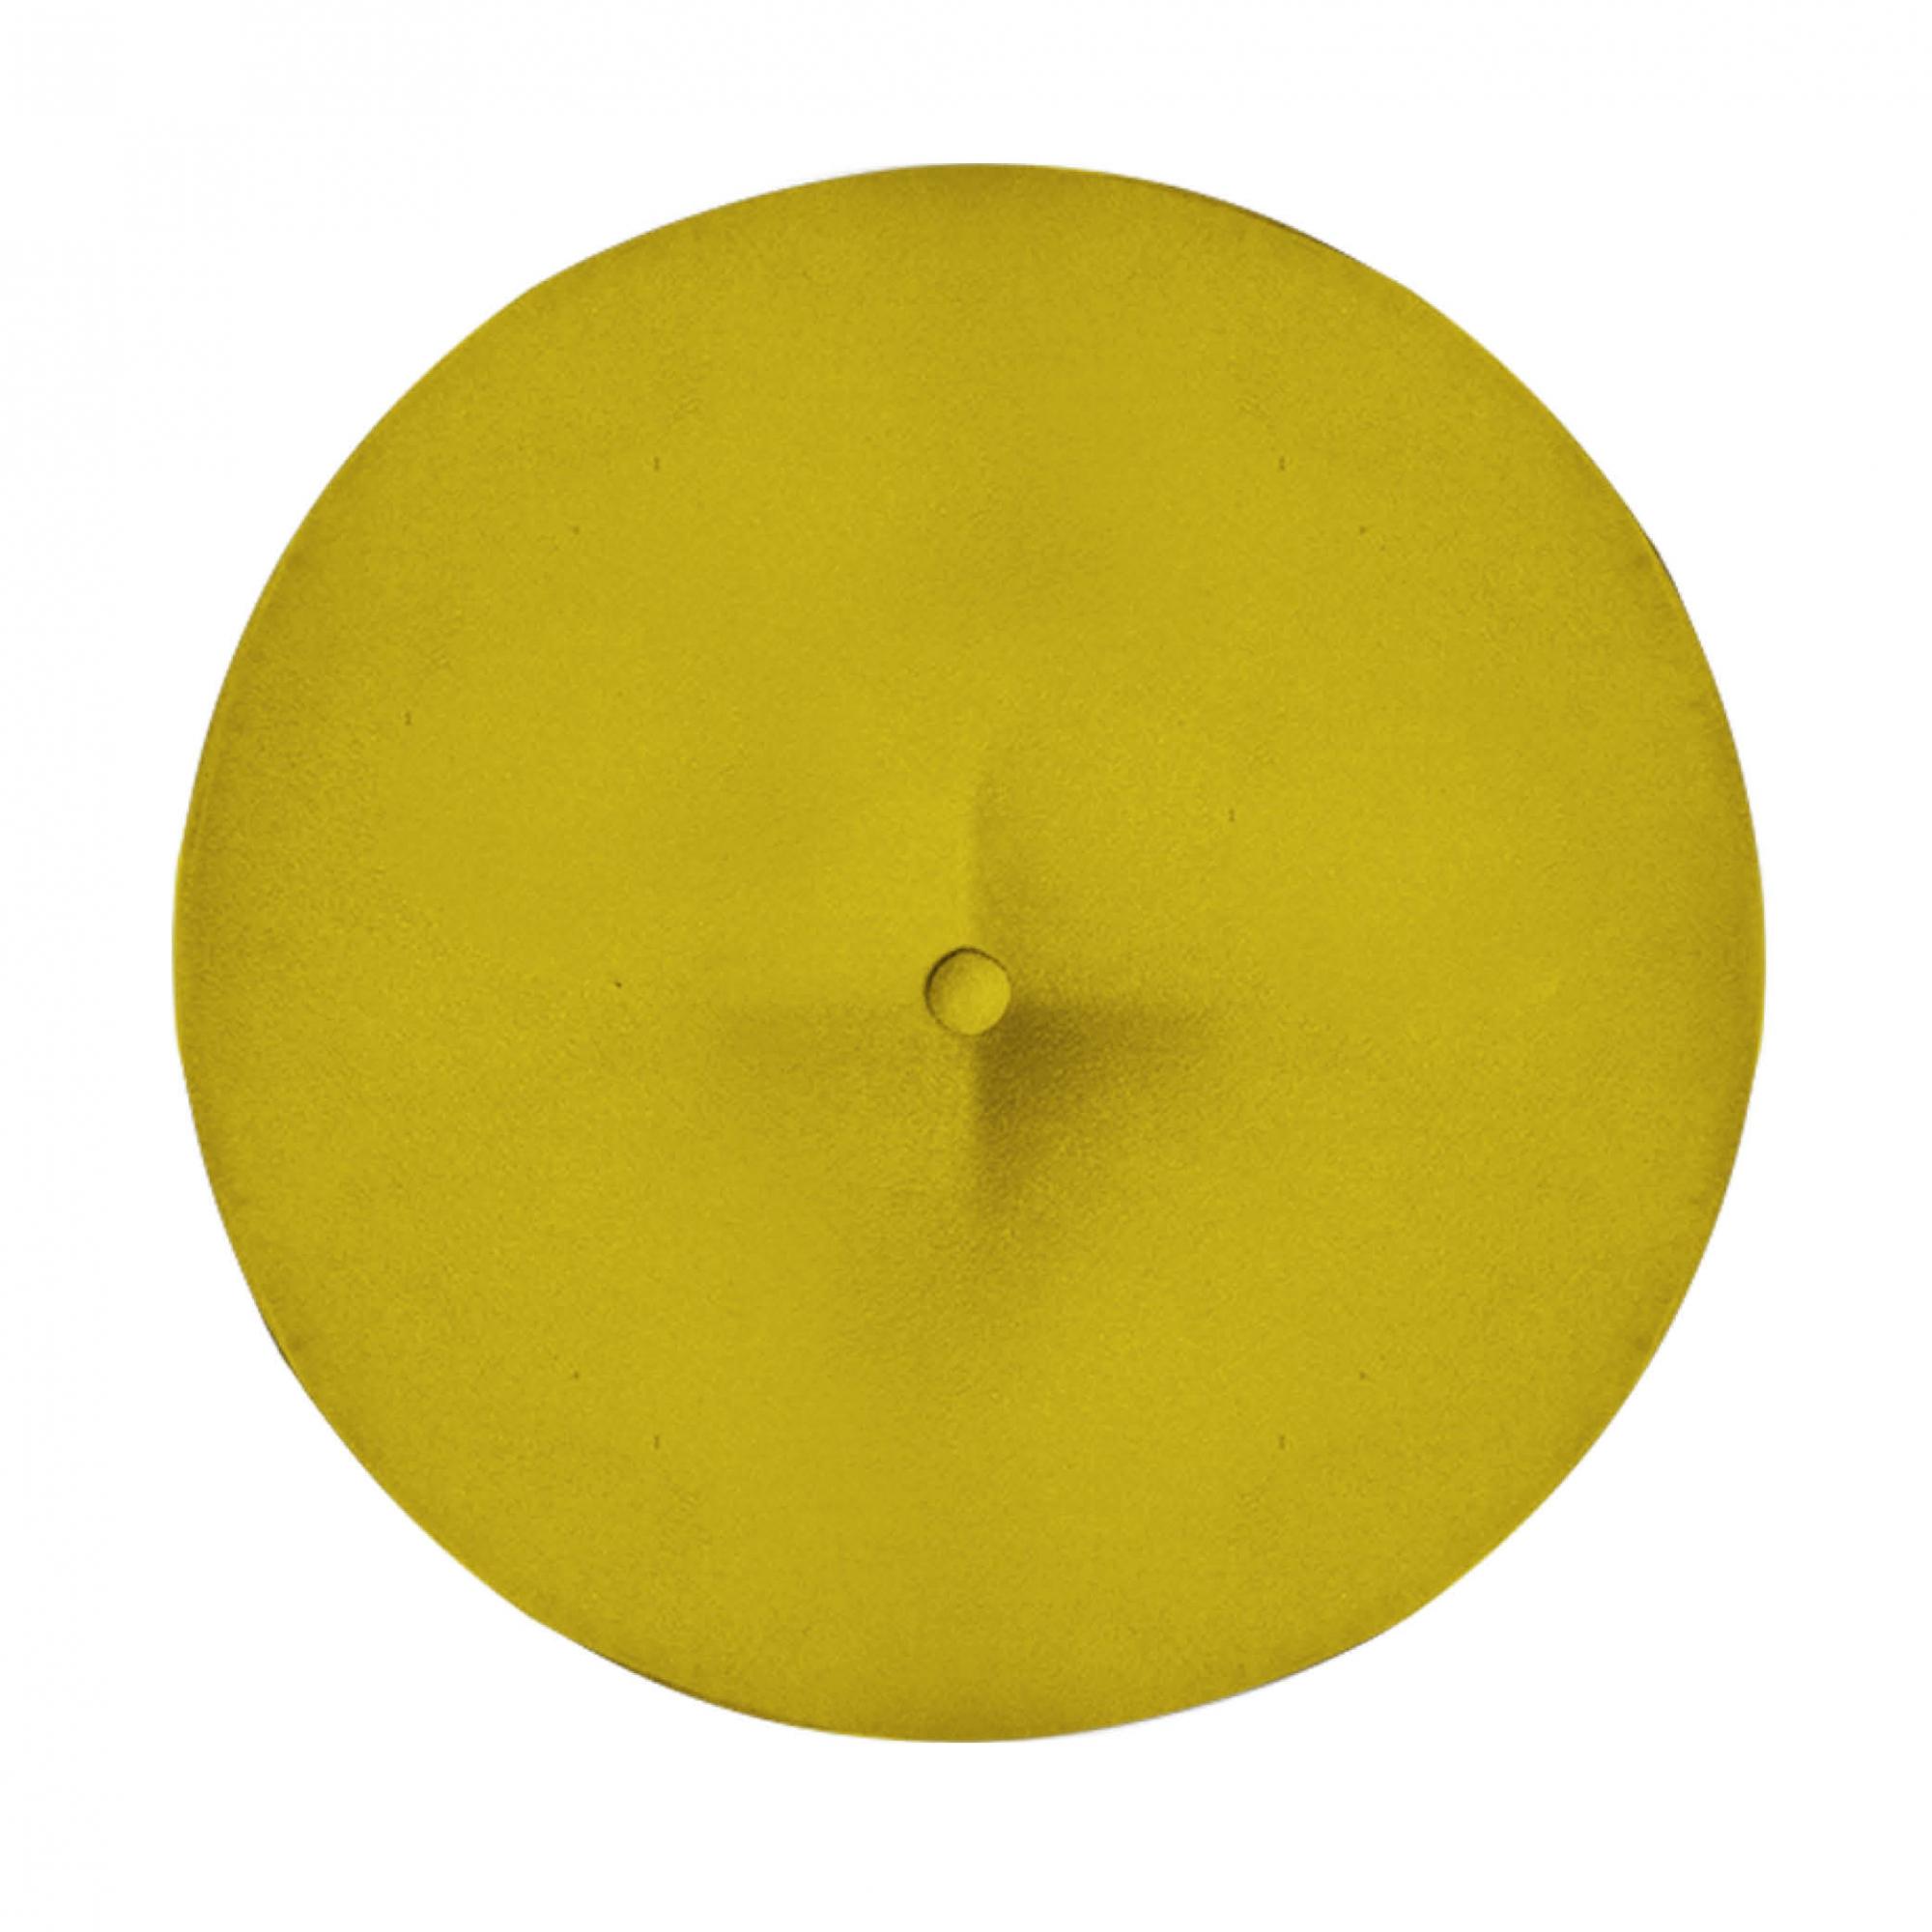 Kit 5 Puff Duda Decoração Redondo Recepção Escritório Sala Estar Salão Quarto D'Classe Decor Suede Amarelo